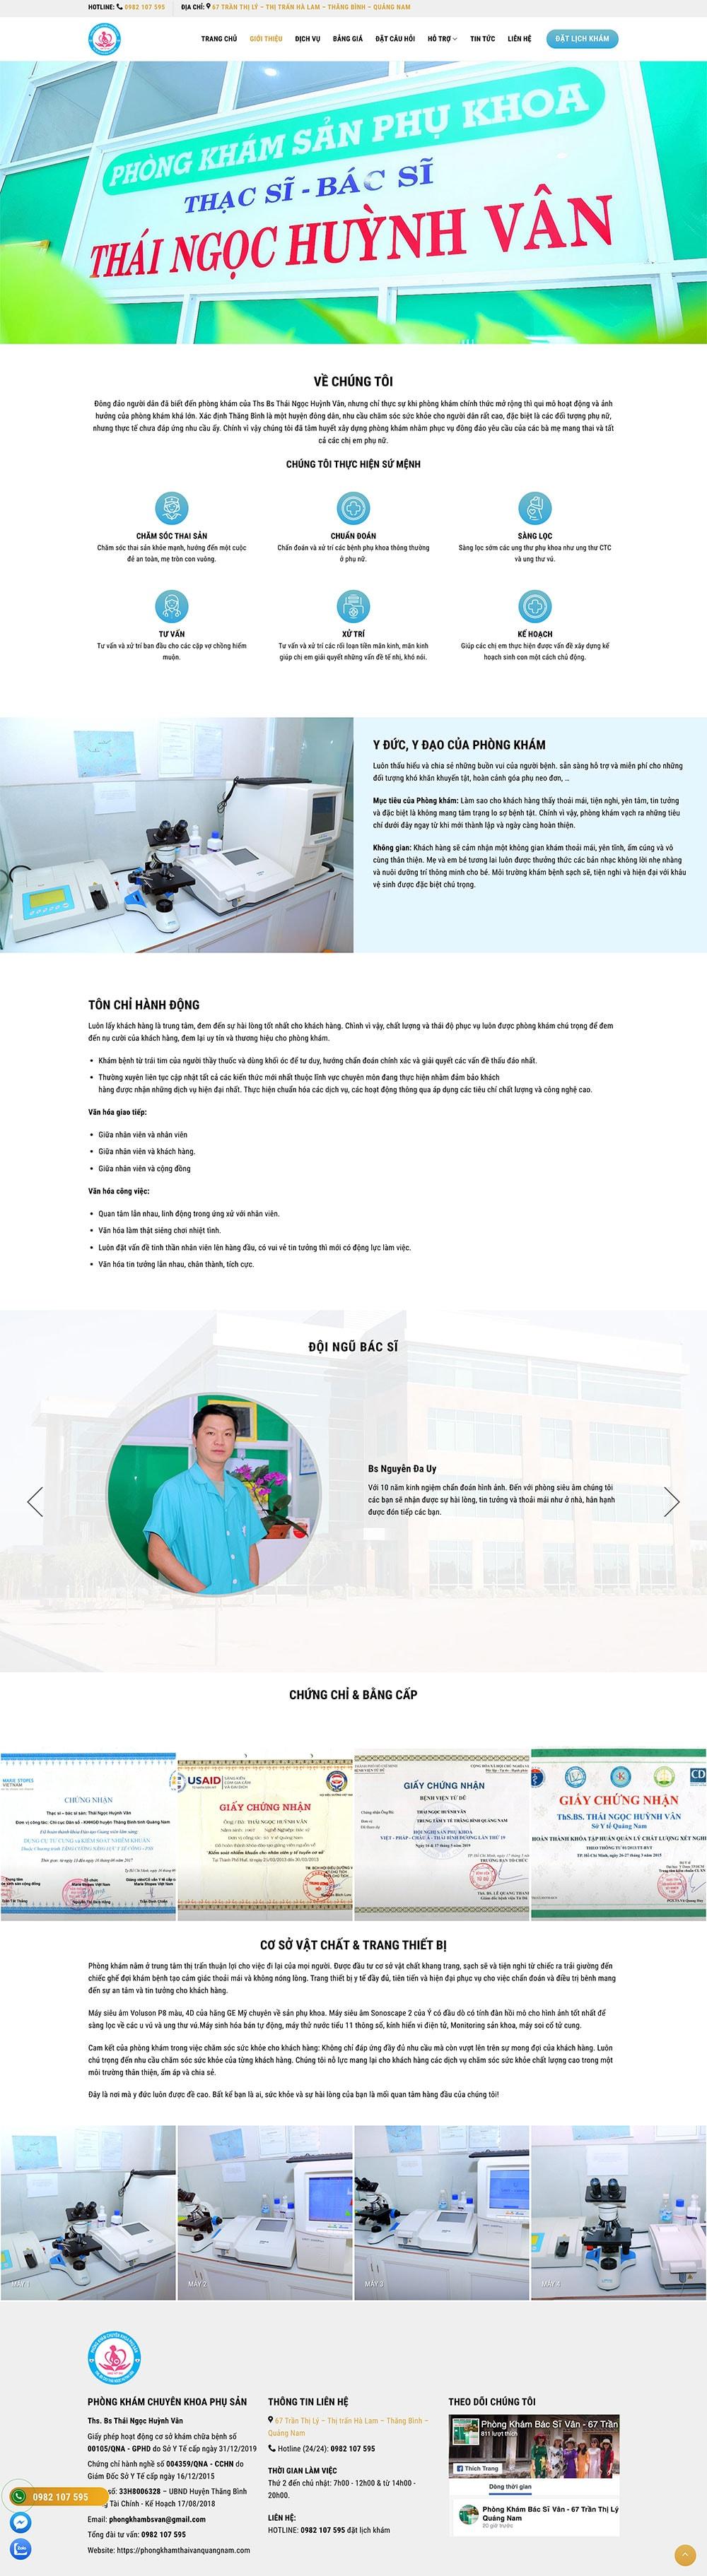 thiet ke website dich vu phong kham san phu khoa